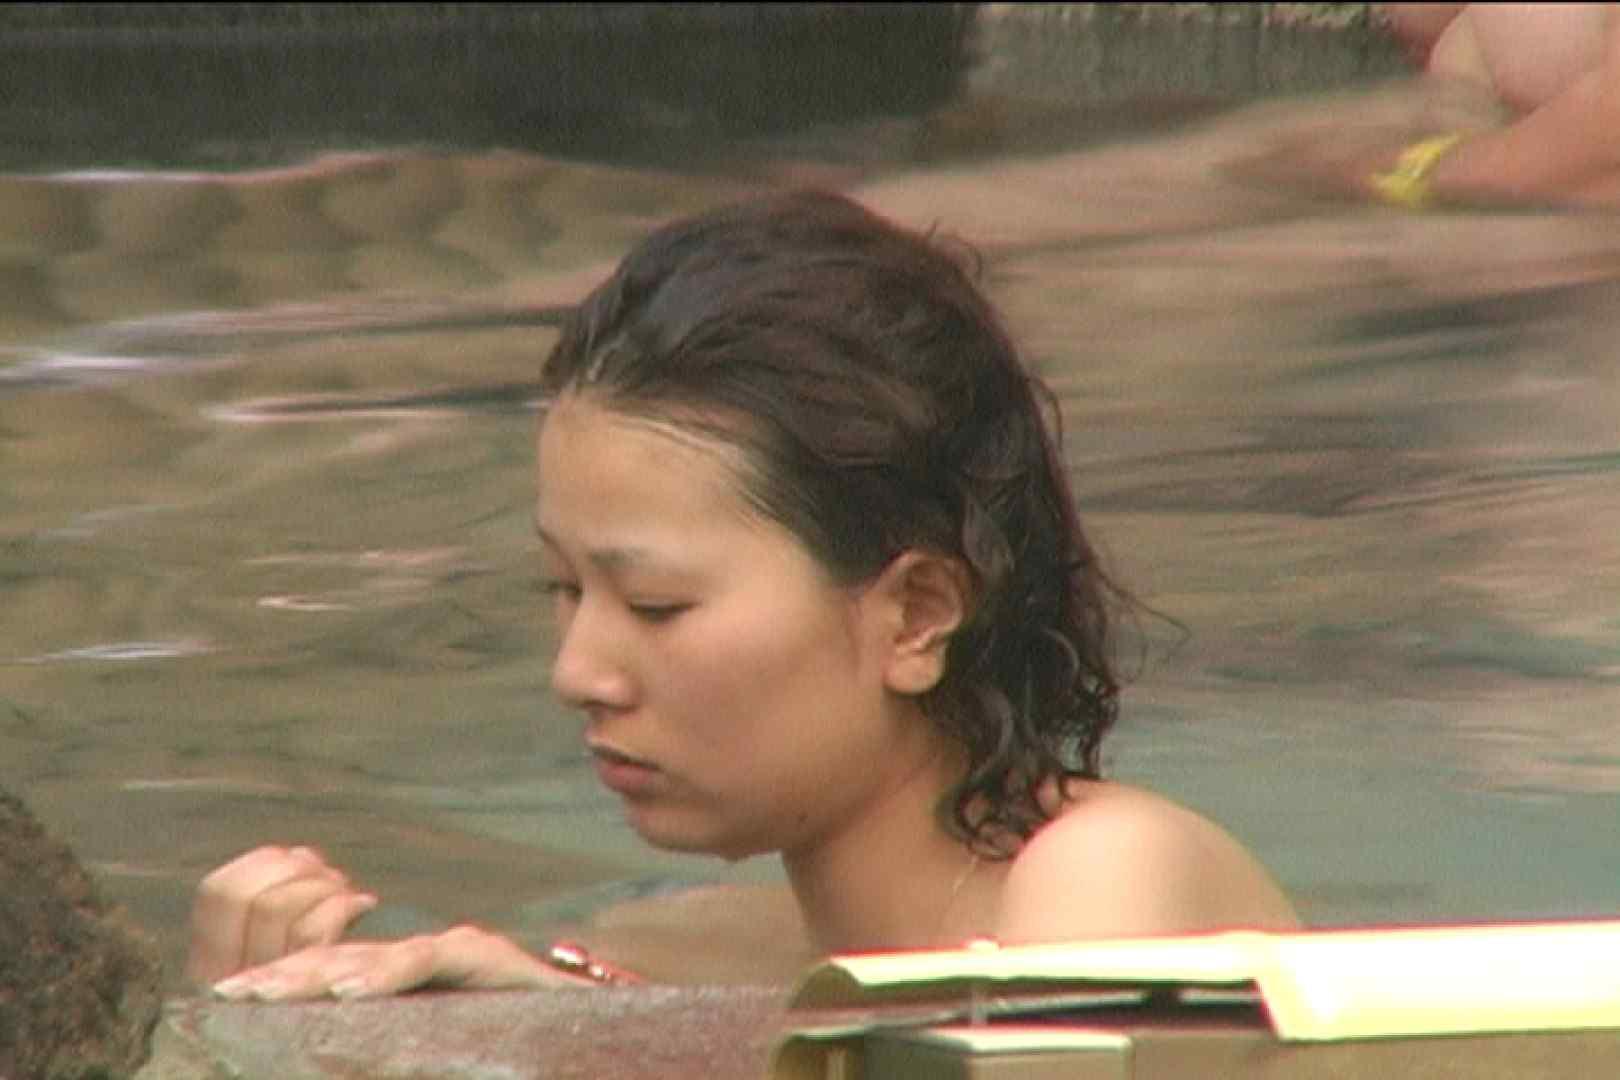 Aquaな露天風呂Vol.131 露天 | 綺麗なOLたち  90枚 40